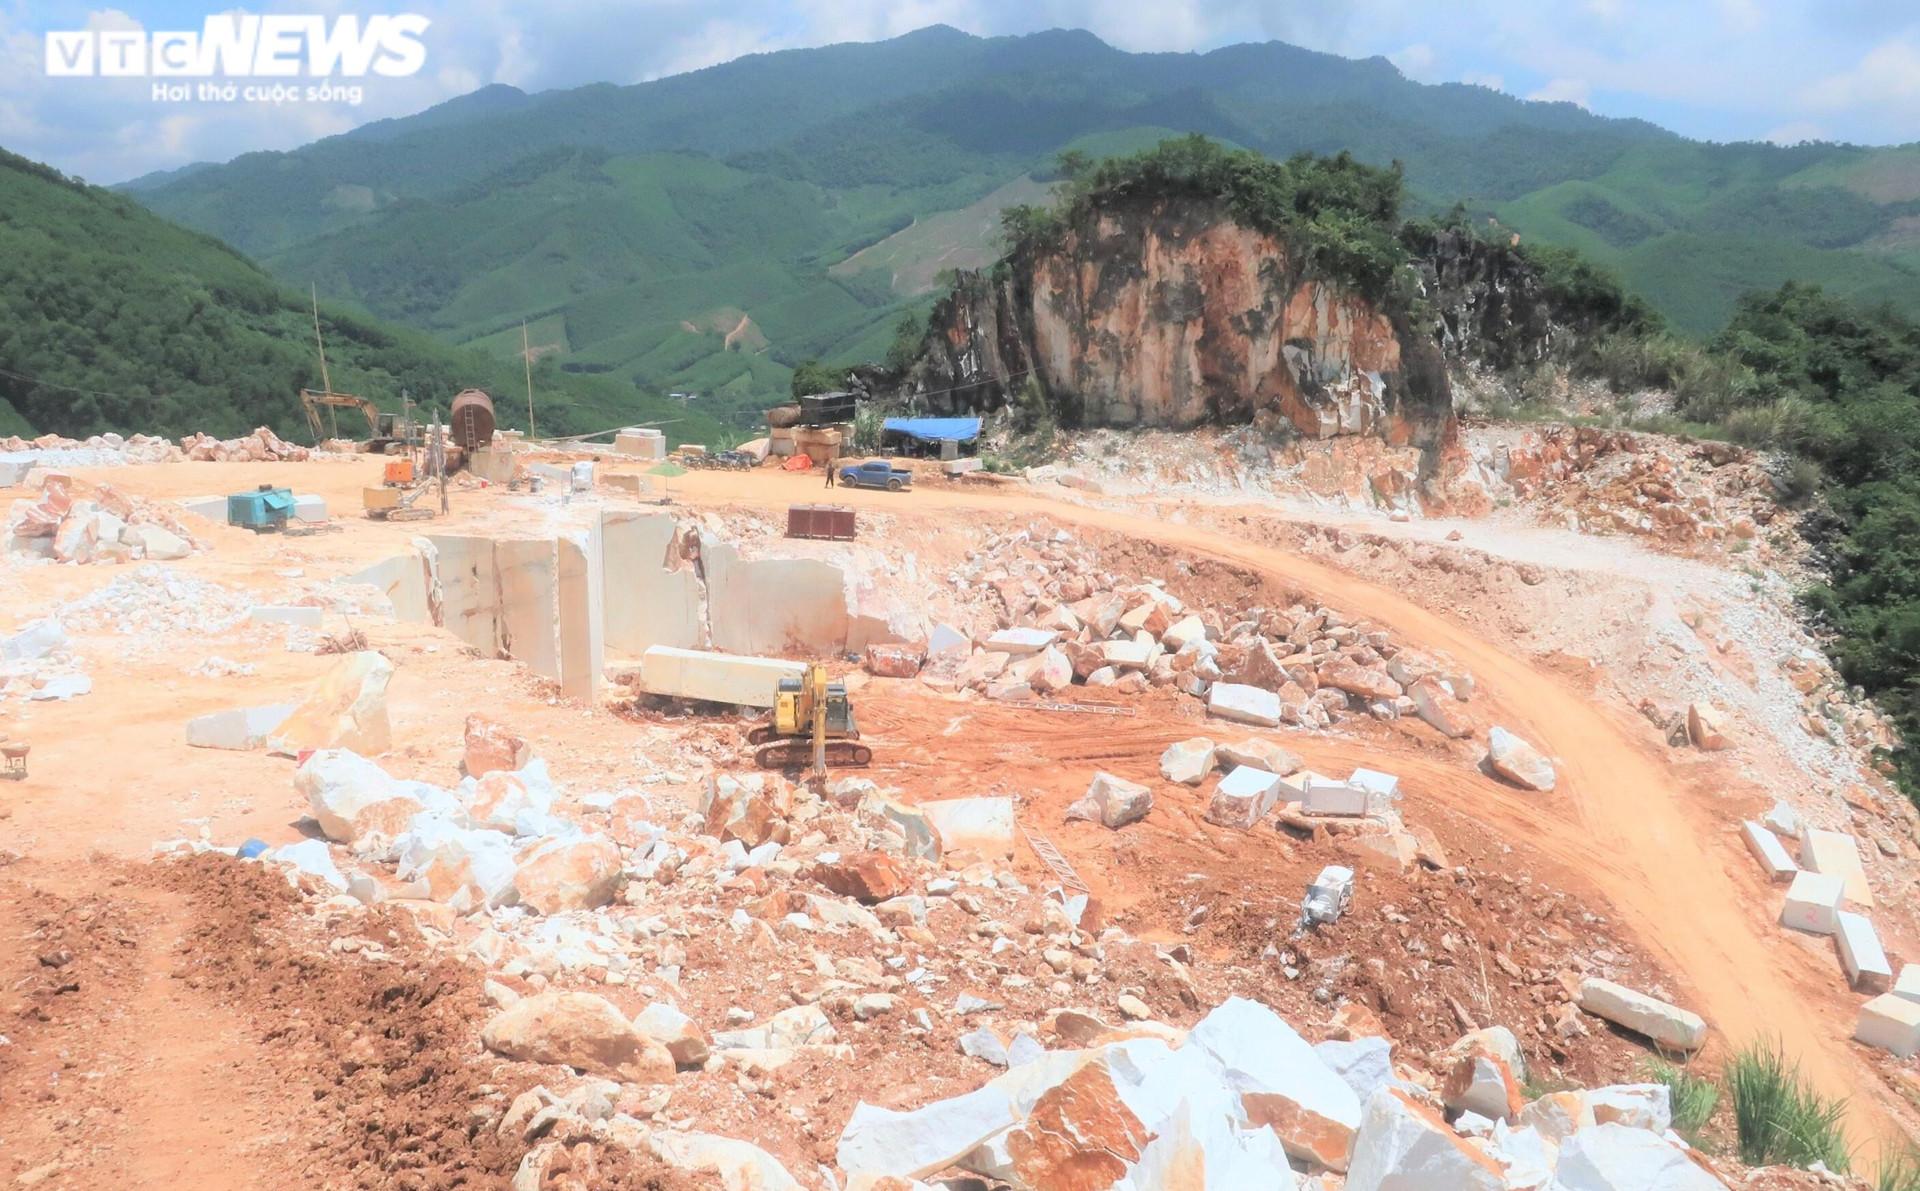 Tan hoang hiện trường khai thác trái phép đá trắng ở Nghệ An - 5